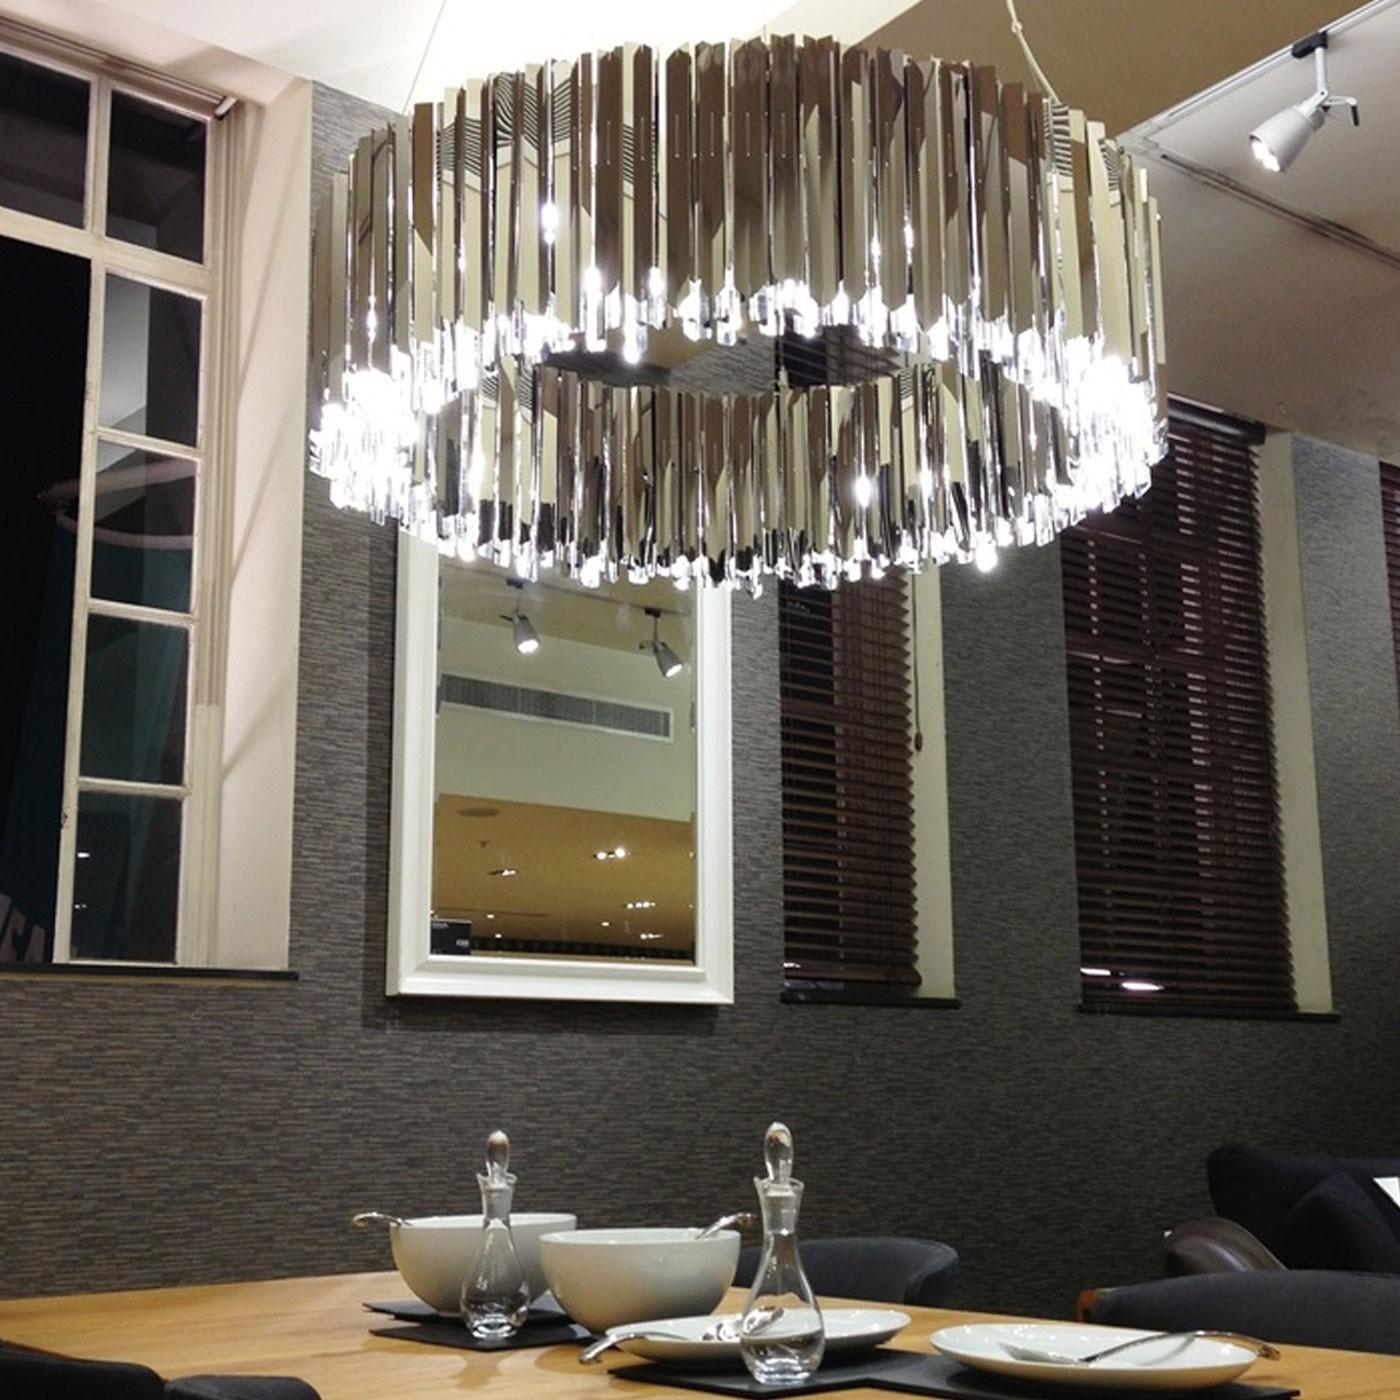 Chandelier facet 100 stainless steel led 100cm h32cm chandelier facet 100 stainless steel led 100cm h32cm innermost nedgis lighting aloadofball Choice Image